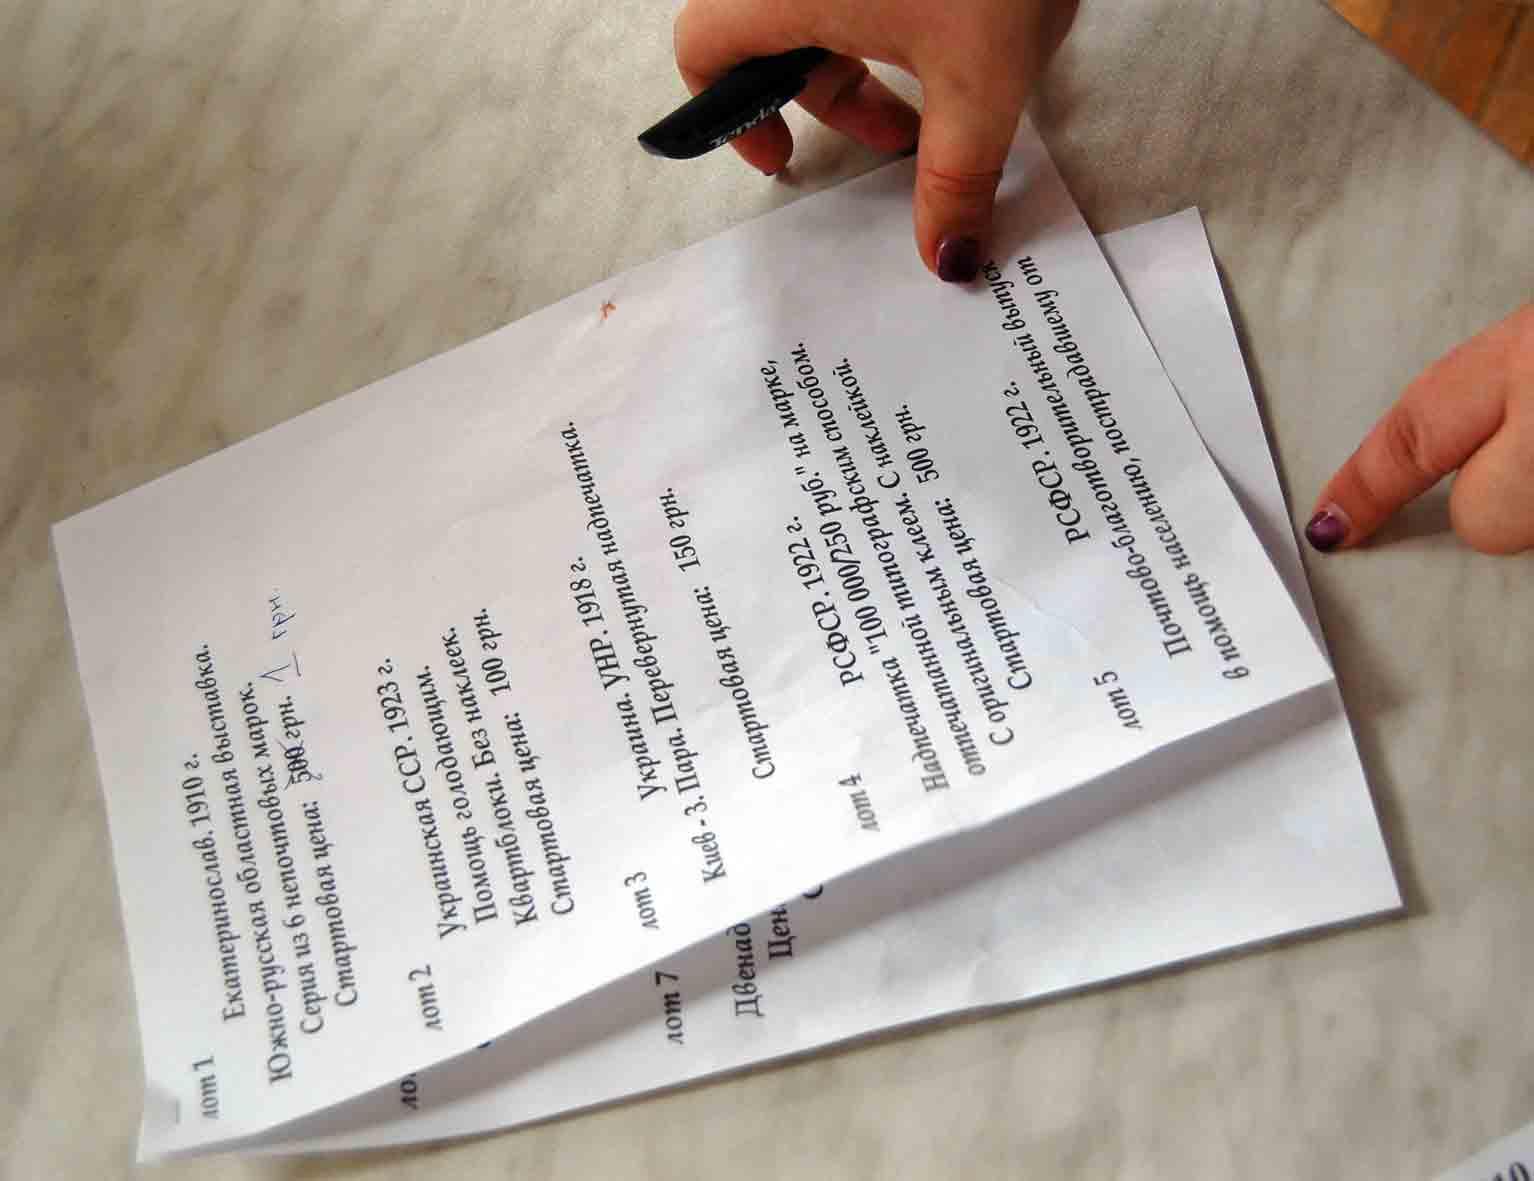 Лист с регламентом проведения аукцона. Слет филателисто в Днепропетровске 27 марта 2016г.